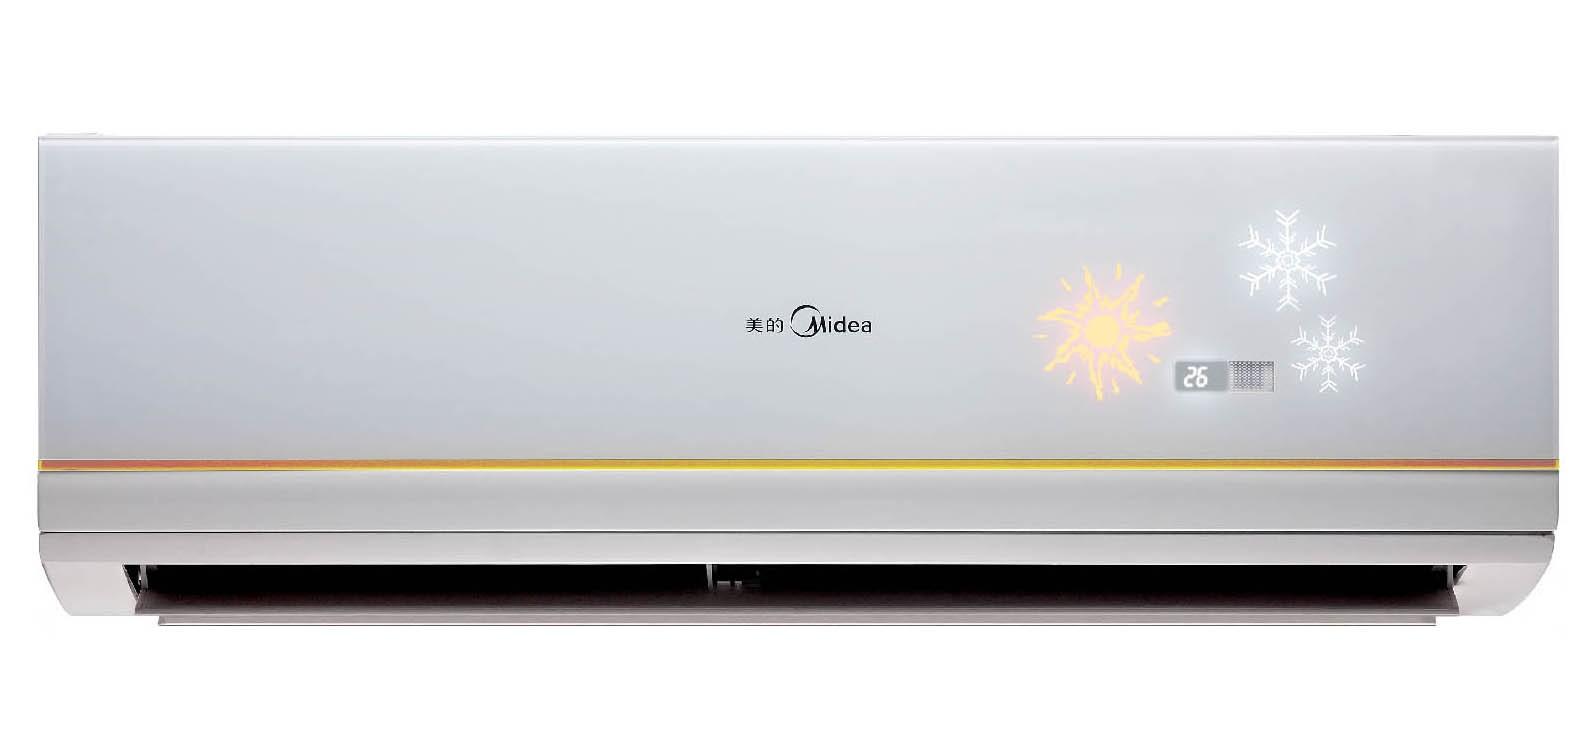 变频空调十大品牌排名—变频空调十大品牌排名介绍